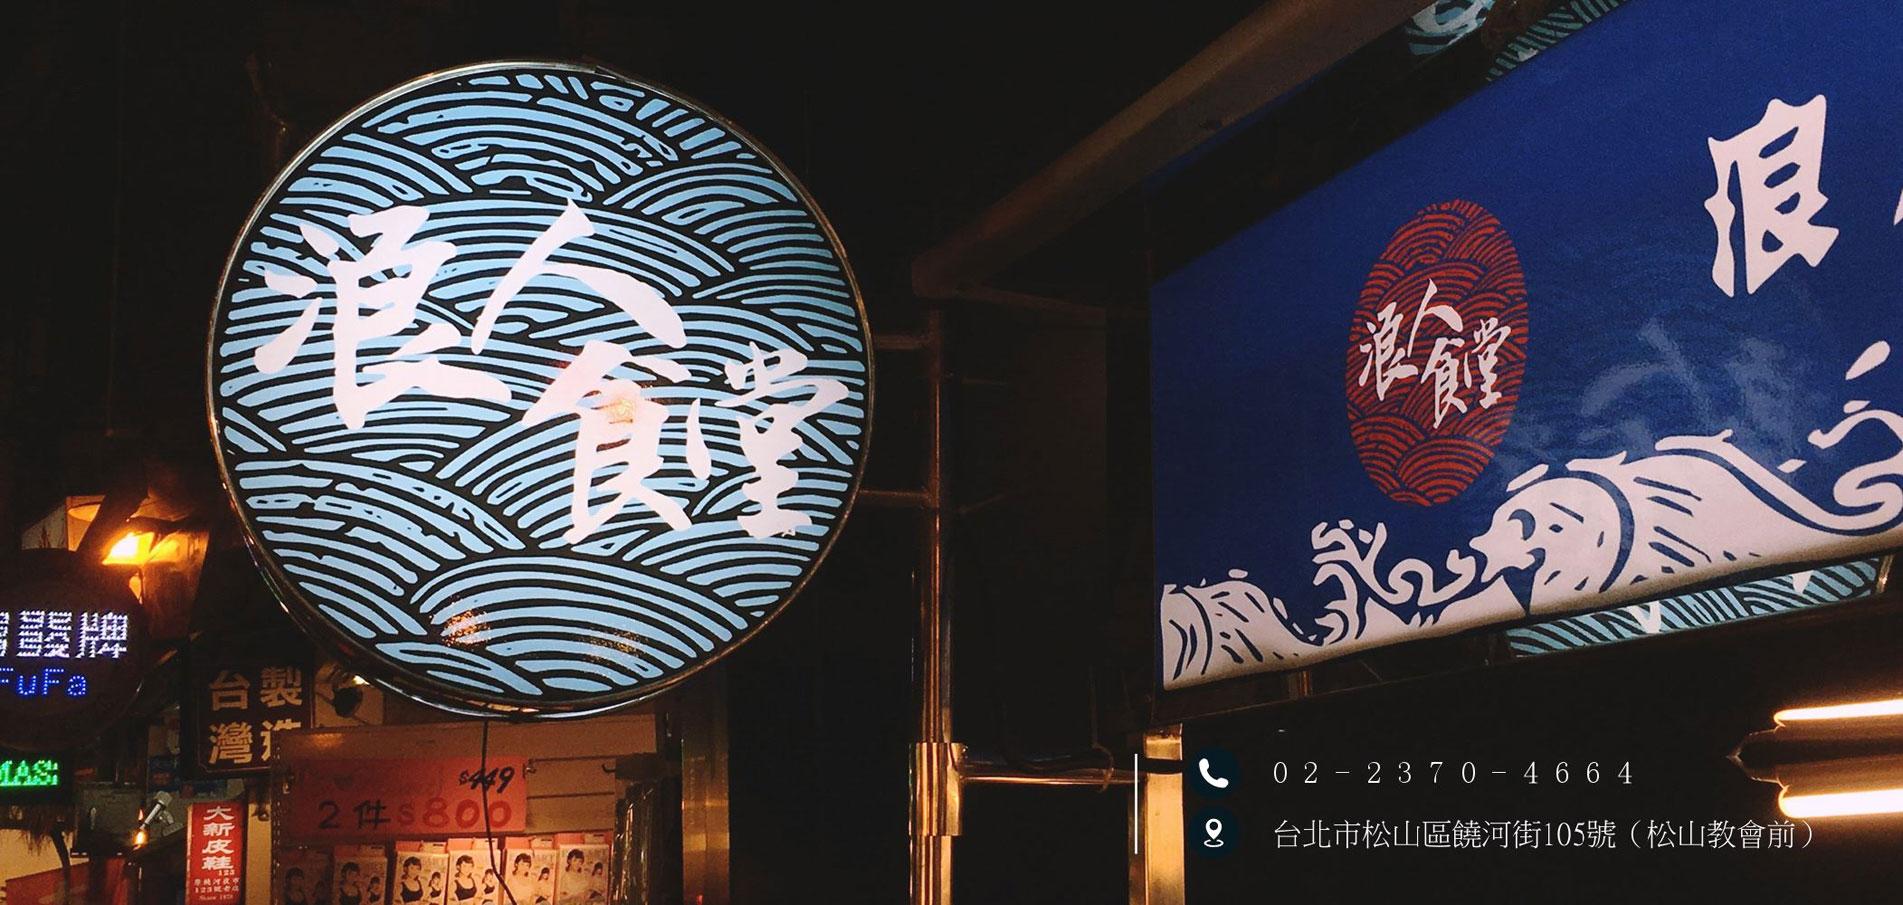 台大博士擺夜市!給街友工作、賣良心炸雞 他深刻體驗「書上學不到」最美台灣風景